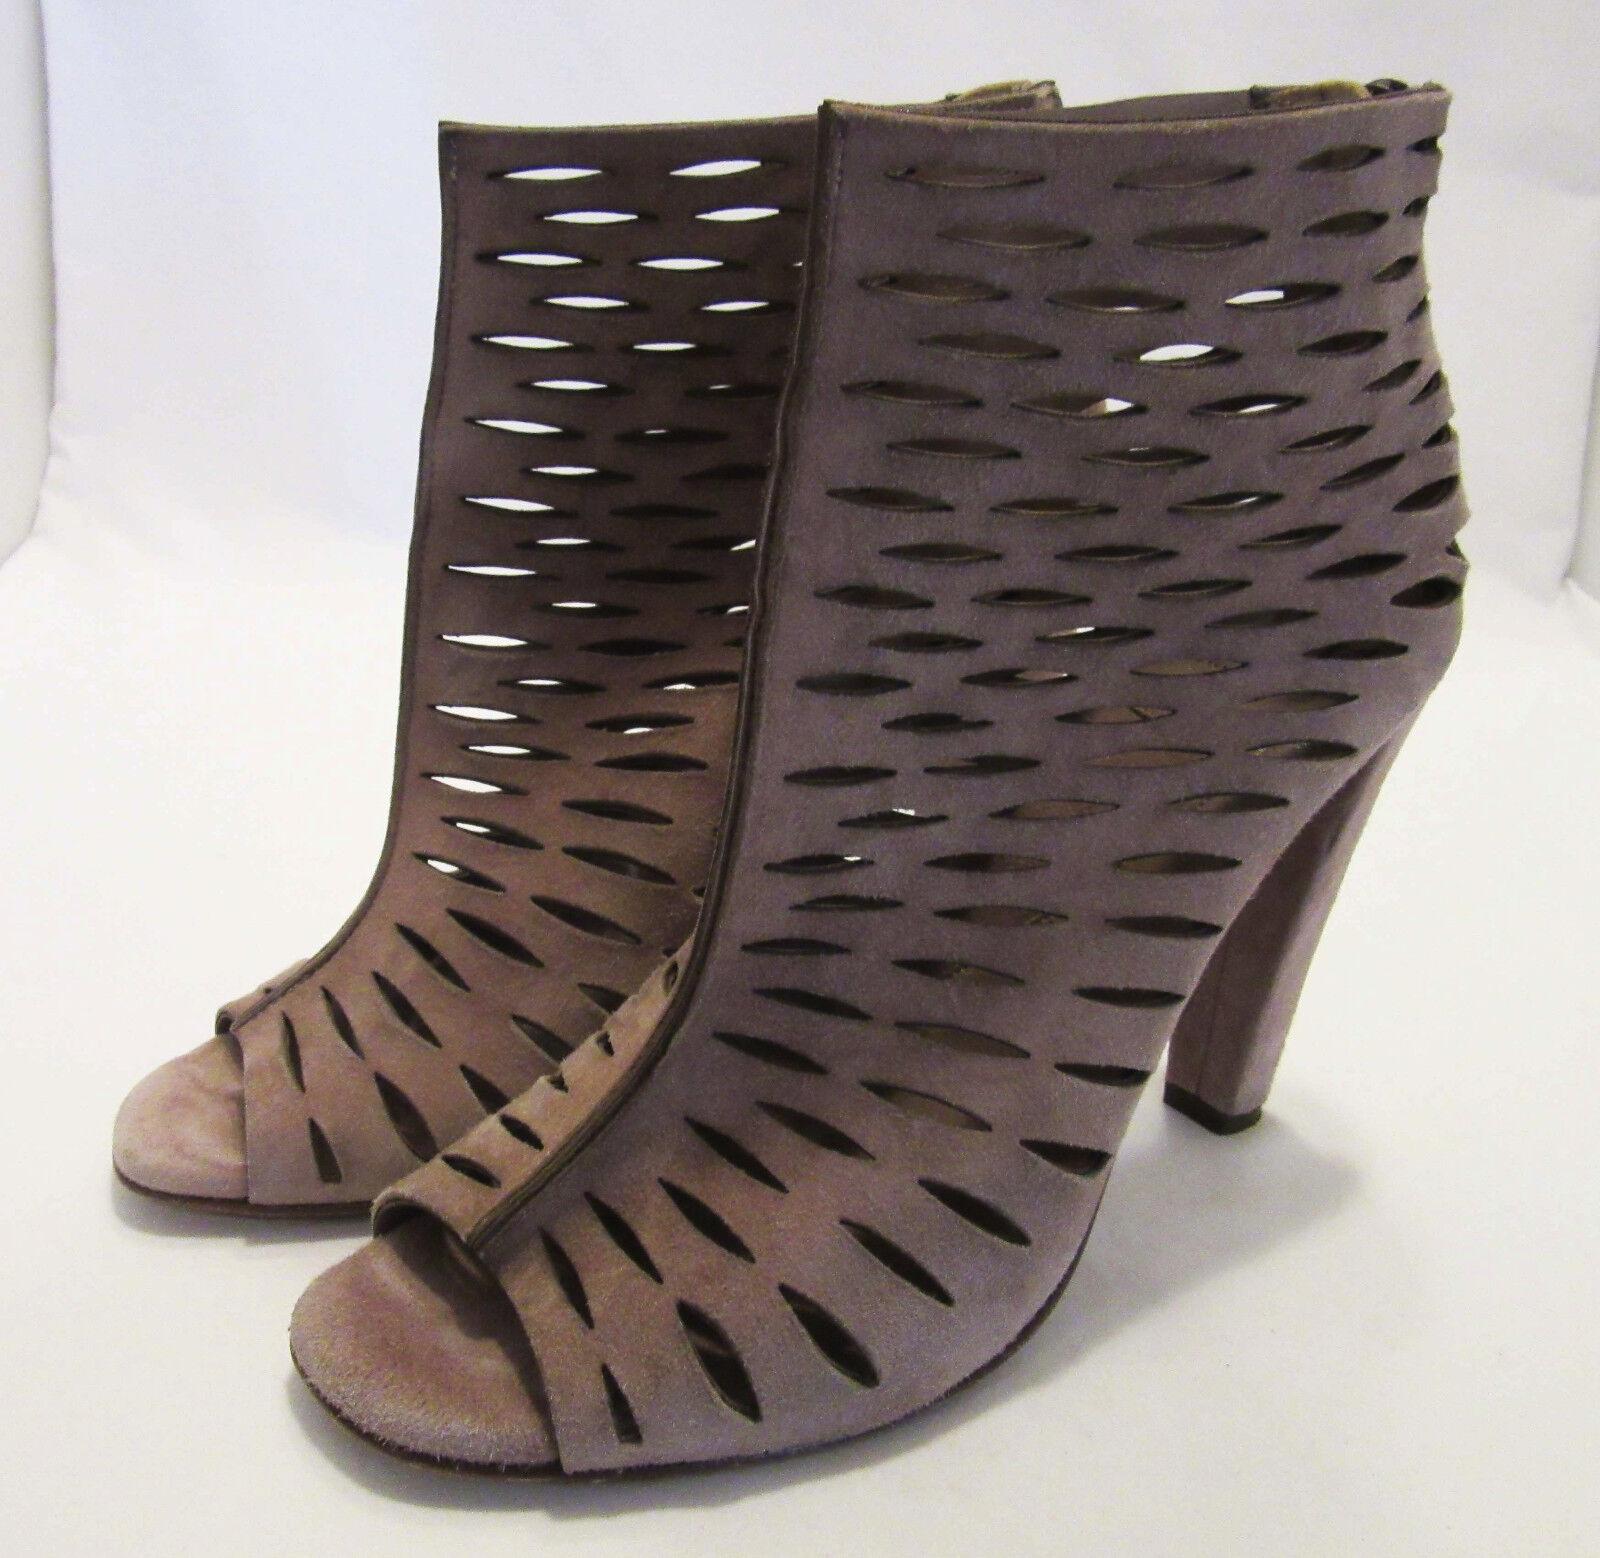 Diane von Furstenberg Brown Laser Cut Suede Ankle Boots Booties, Sz 7.5